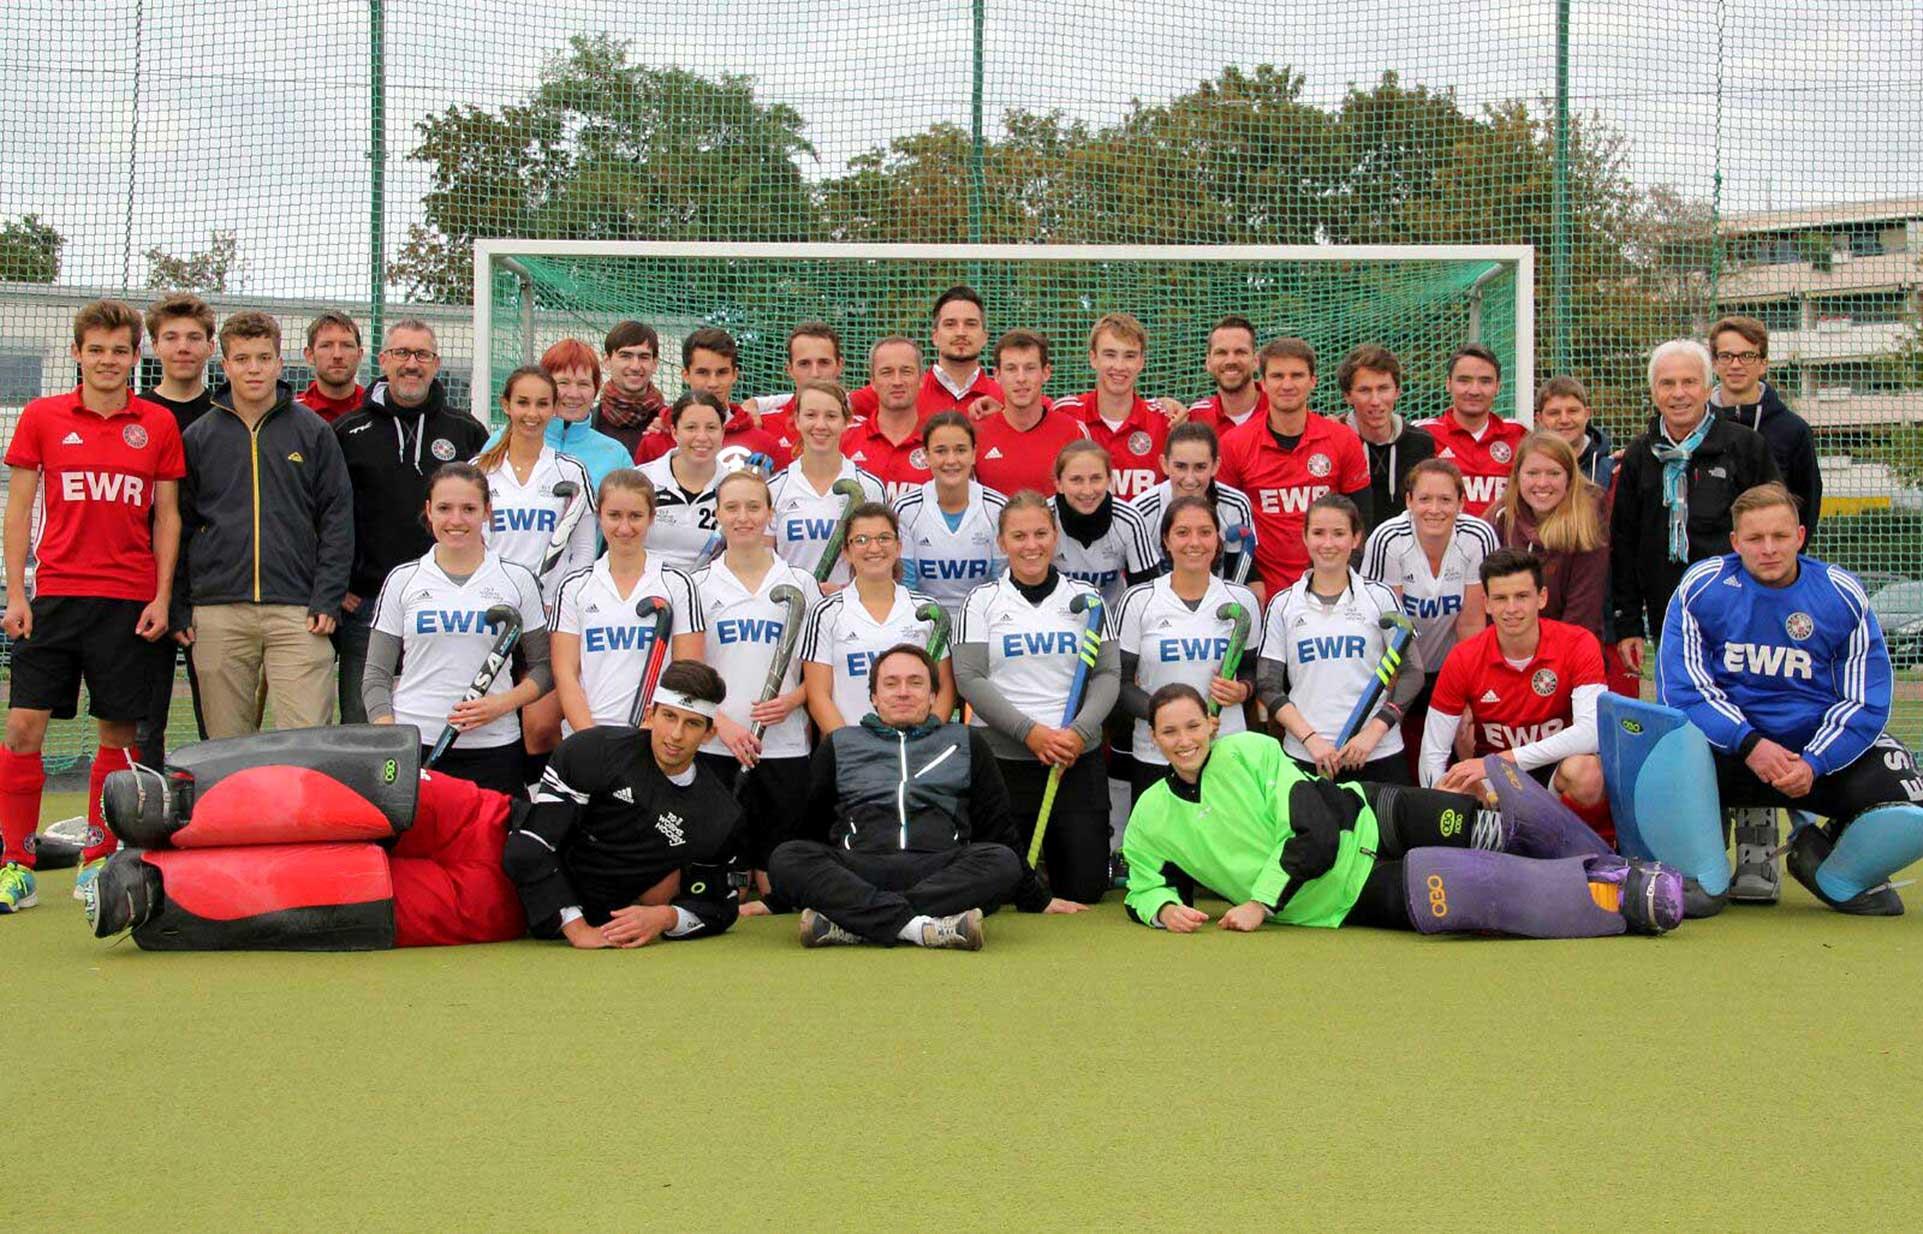 Gemeinsam nahmen die Damen- und Herren-Mannschaften der TG Worms-Hockey Abschied von ihrem 19 Jahre alten Kunstrasenplatz  auf der Jahnwiese.